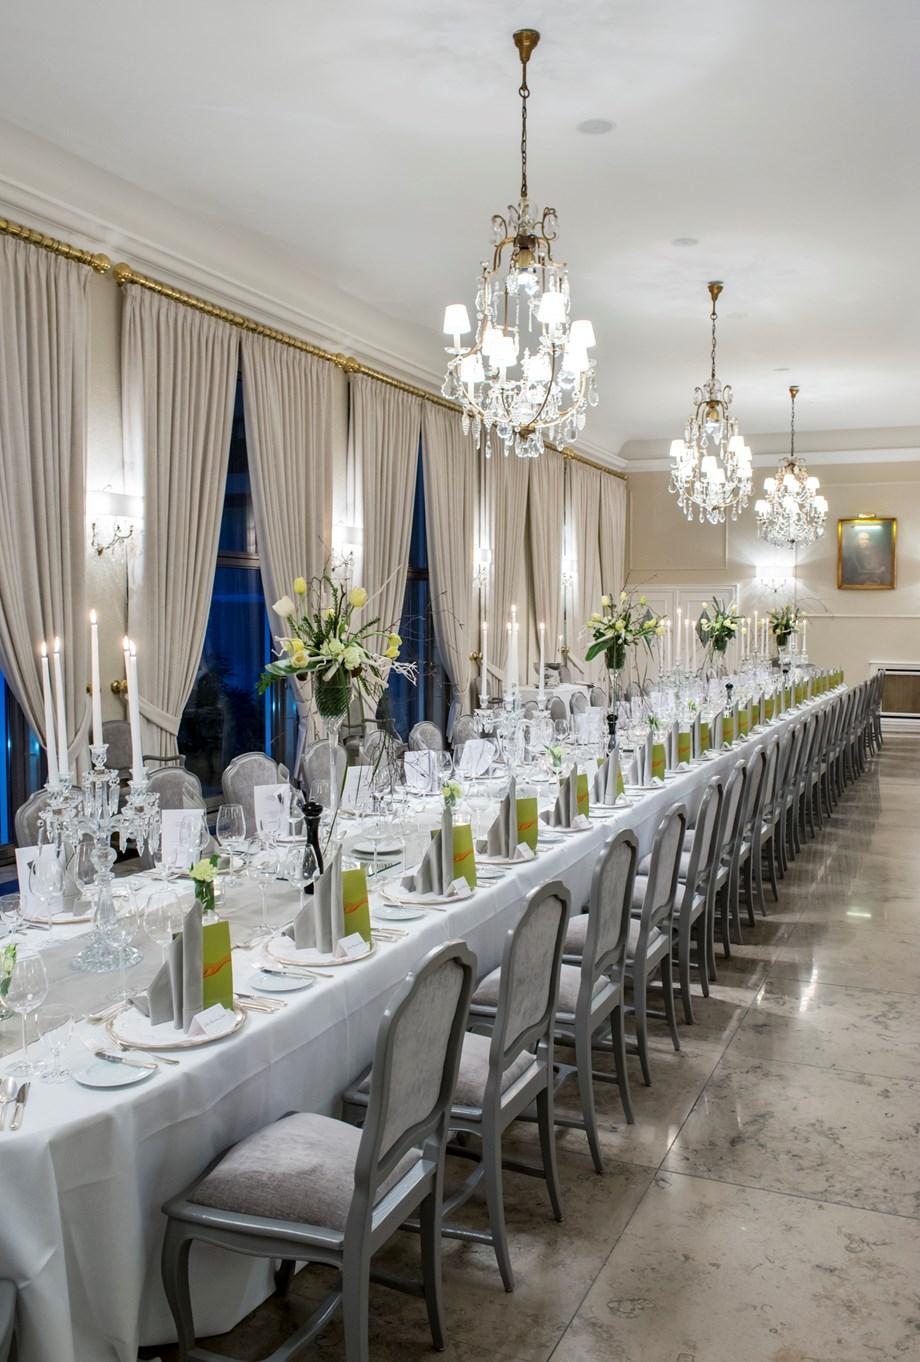 Hotel Europäischer Hof Heidelberg | Hochzeitslocation in